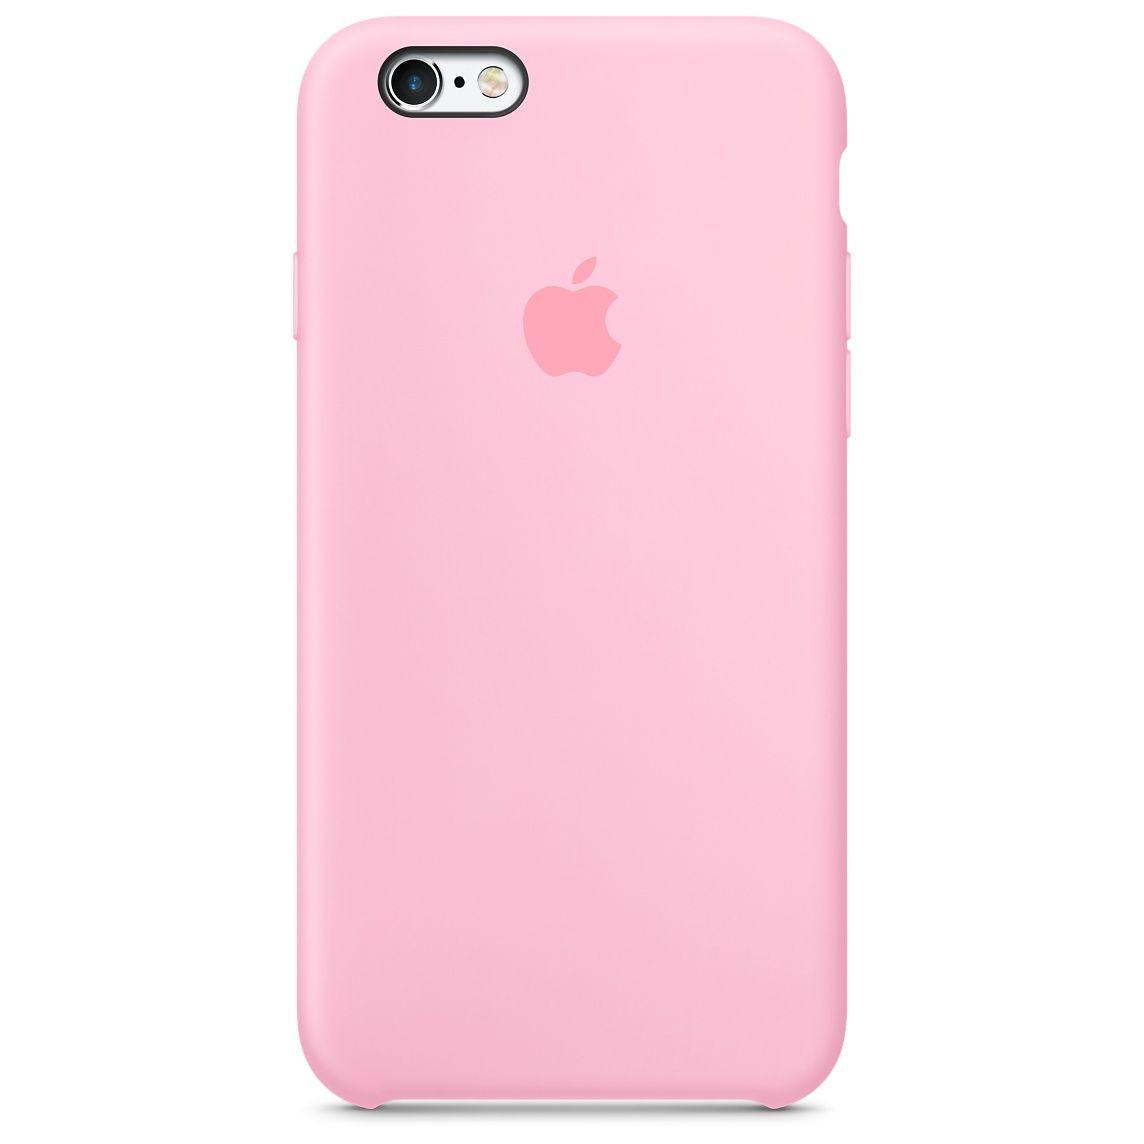 Coque en silicone iPhone 6s - Rose pâle | Étui de téléphone rose ...